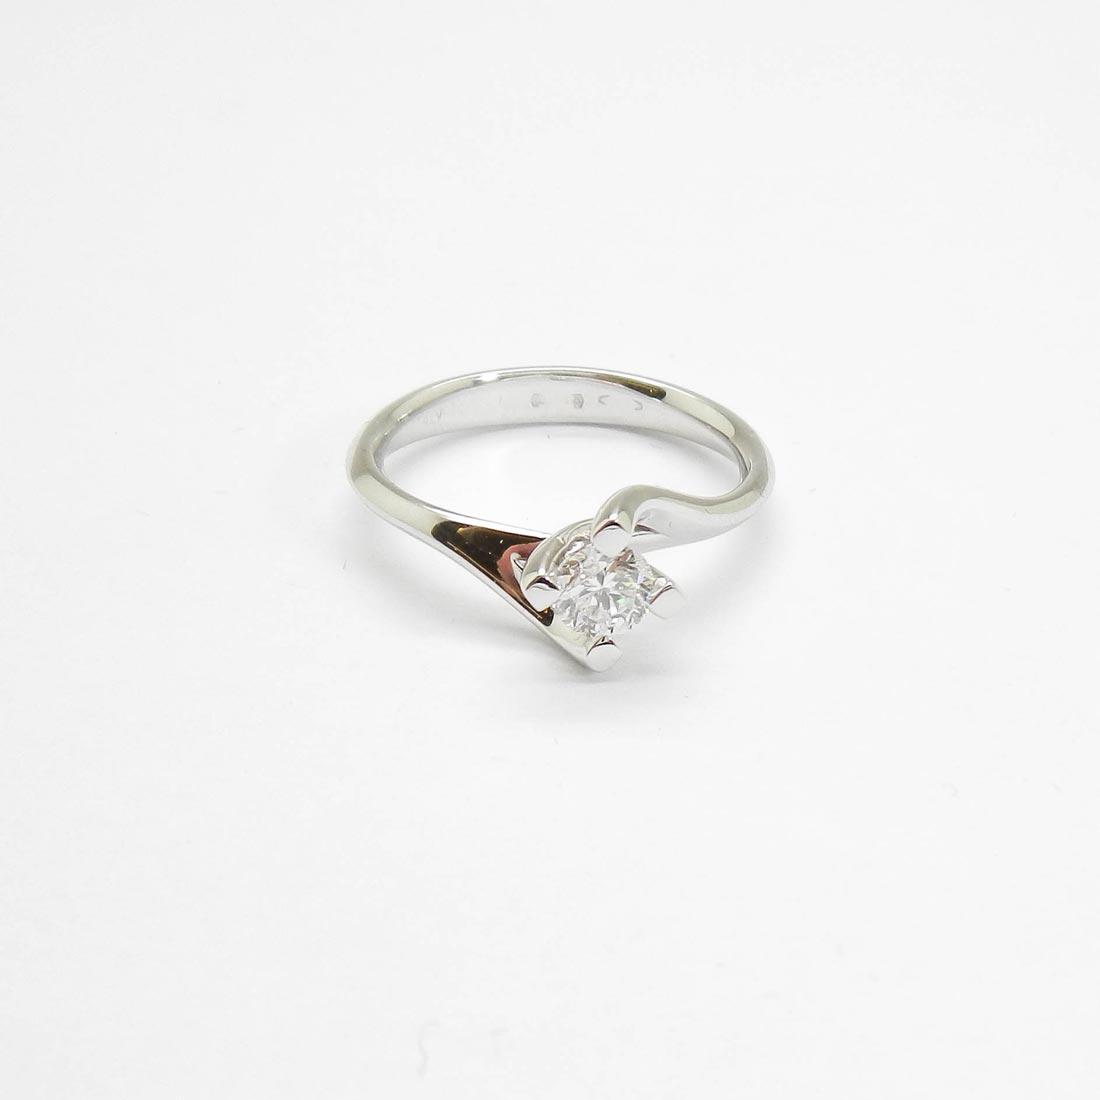 il-marchese-diamonds-diamanti-gioielli-artigianali-anello-solitario-fidanzamento-oro-bianco-1